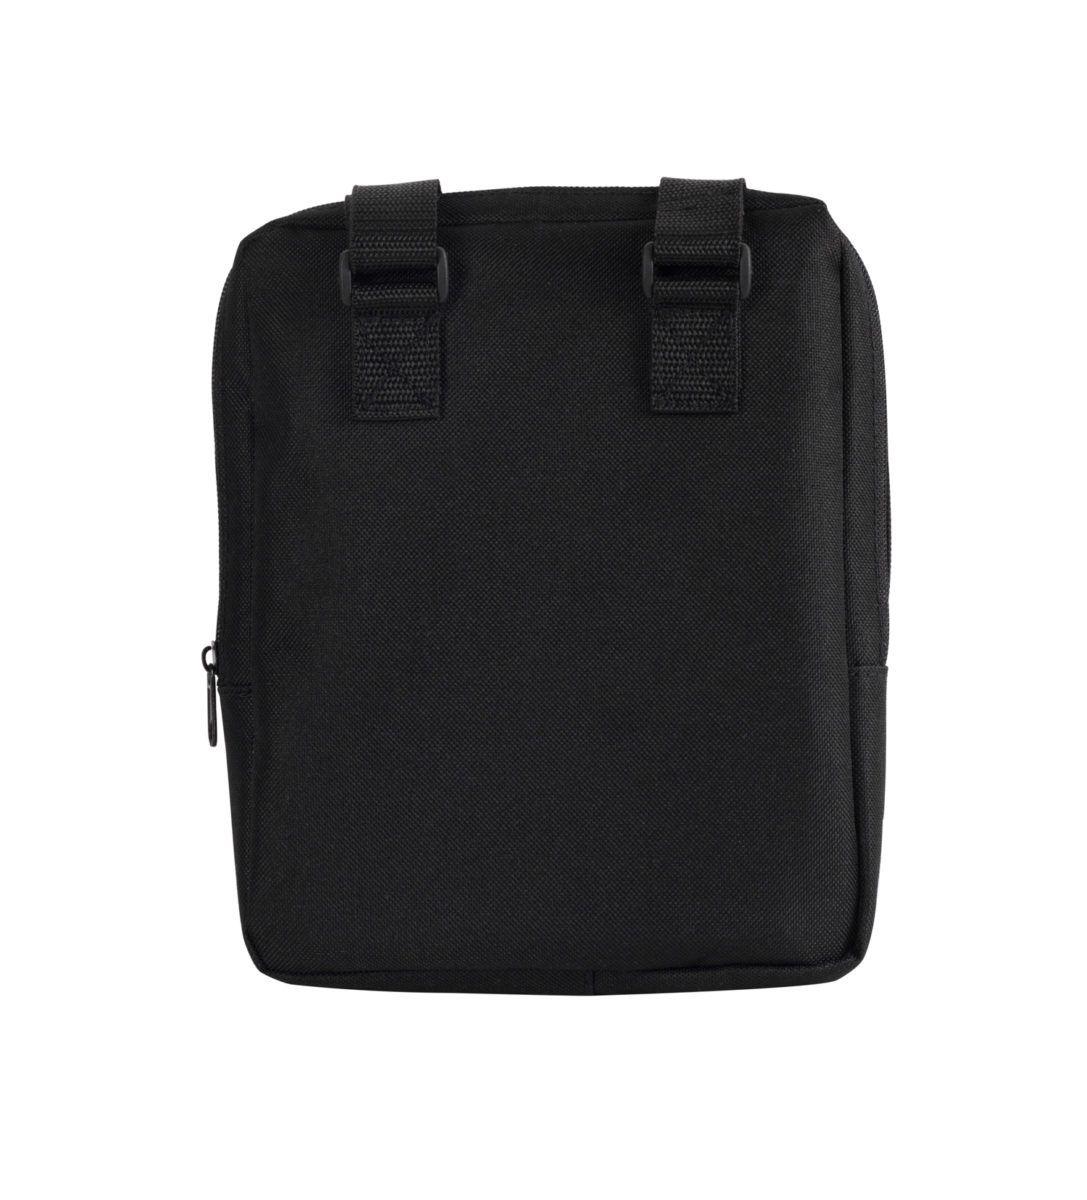 M13 Online Shop Black Out Pusher Bag - Black Out Pusher Bag    Unsere brandneuen Pusher Bags! Widerstandsfähiges Oxford und verstellbarem Gurt für angenehmen Tragekomfort. Zusätzlich wurde ein großzügiges Innenfach für Handy/Tablet verbaut sowie ein Außenfach für den schnellen Zugriff.    Handcrafted with Love!